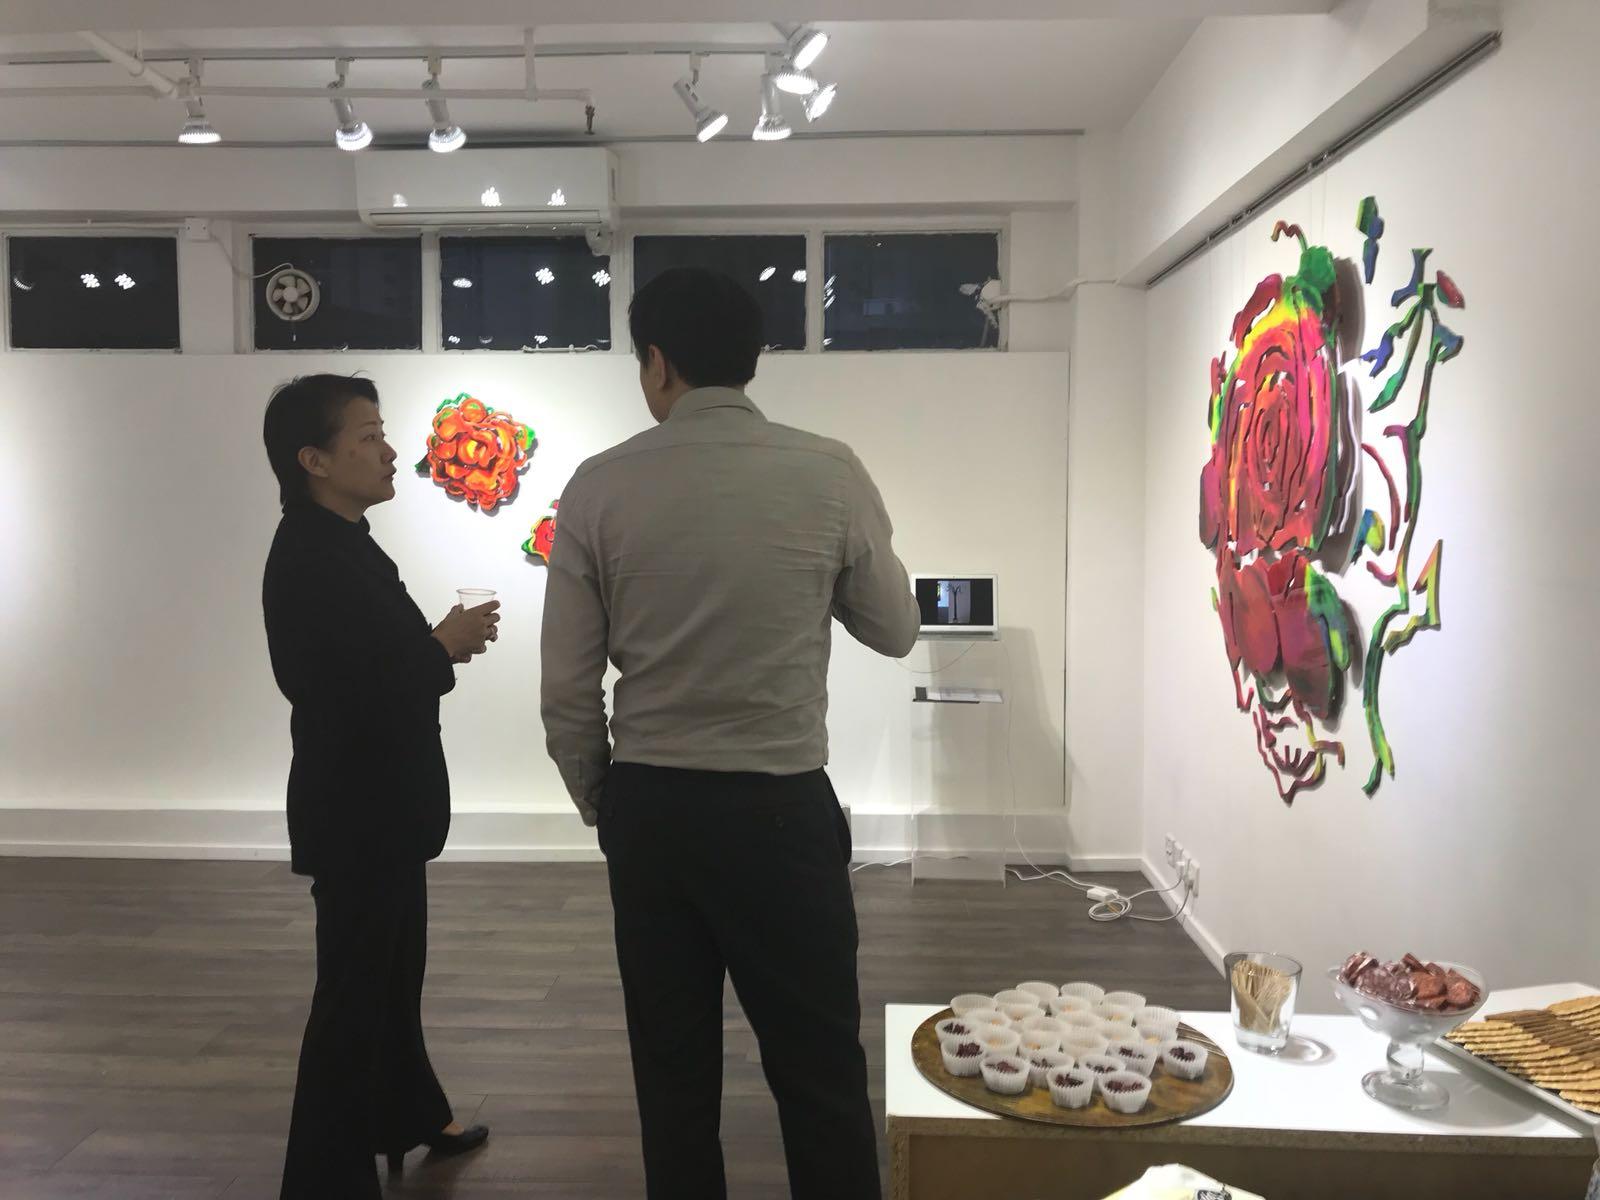 2f62b4ae 001c 4264 96e4 79ed4169e8c2 Solo Exhibition Hong Kong Galería Koo.